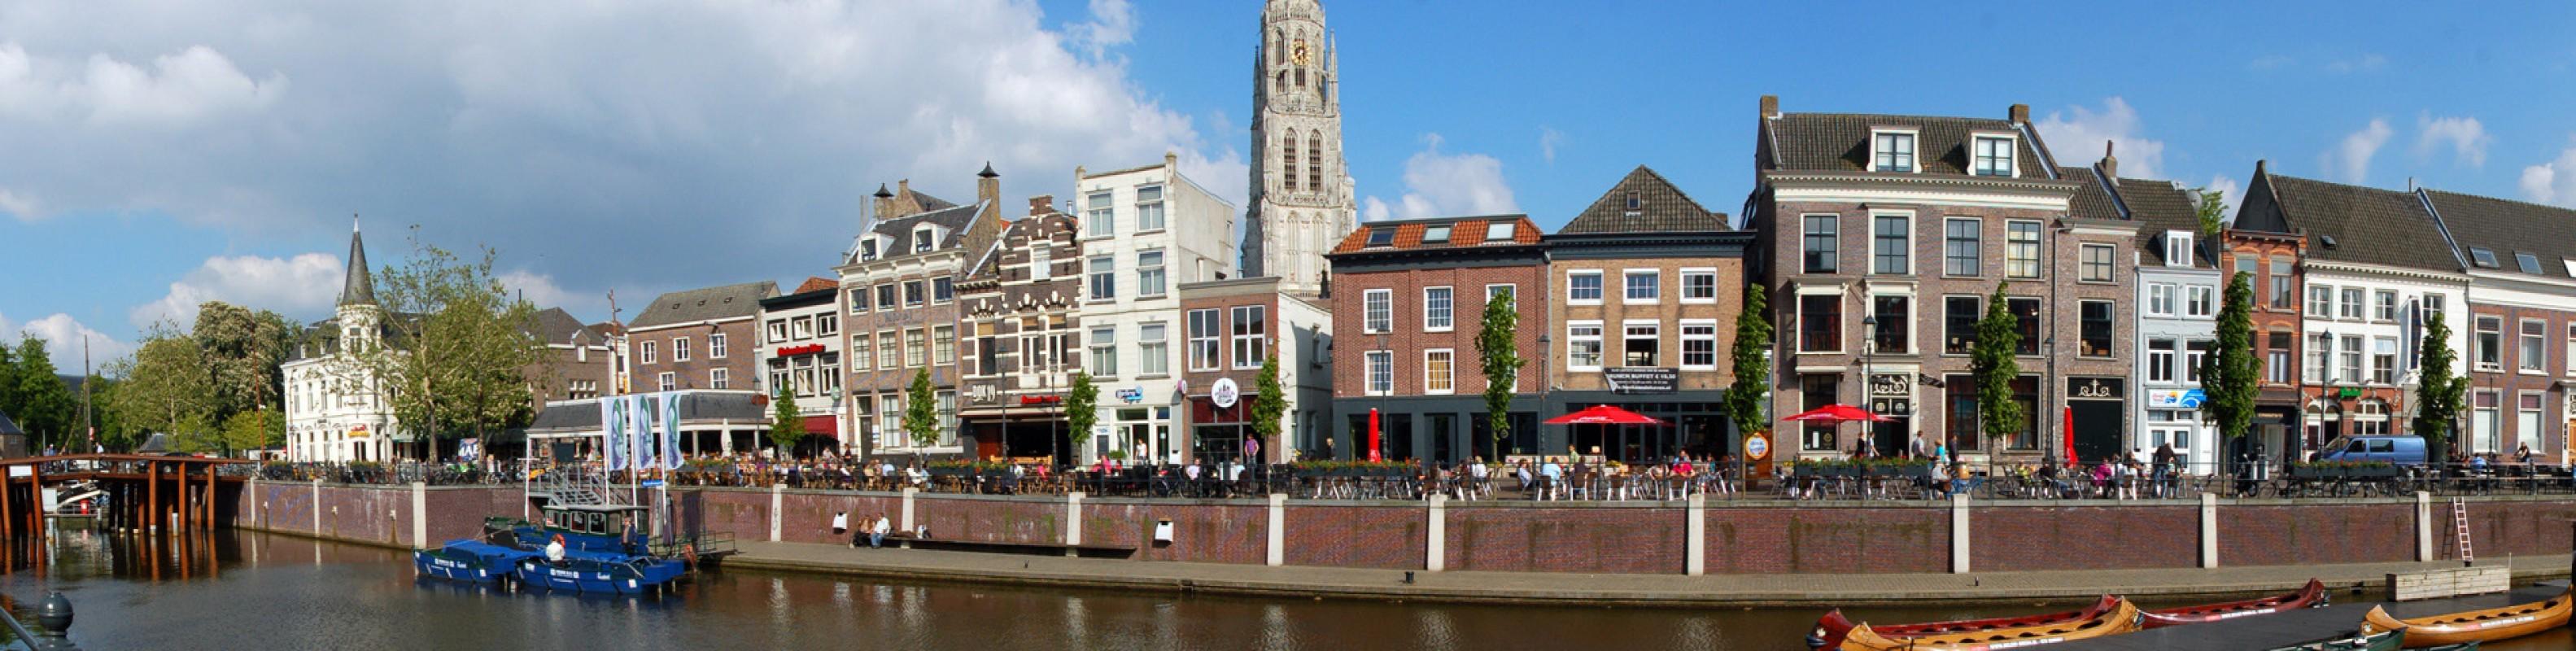 Gezellig wonen in de regio Breda?